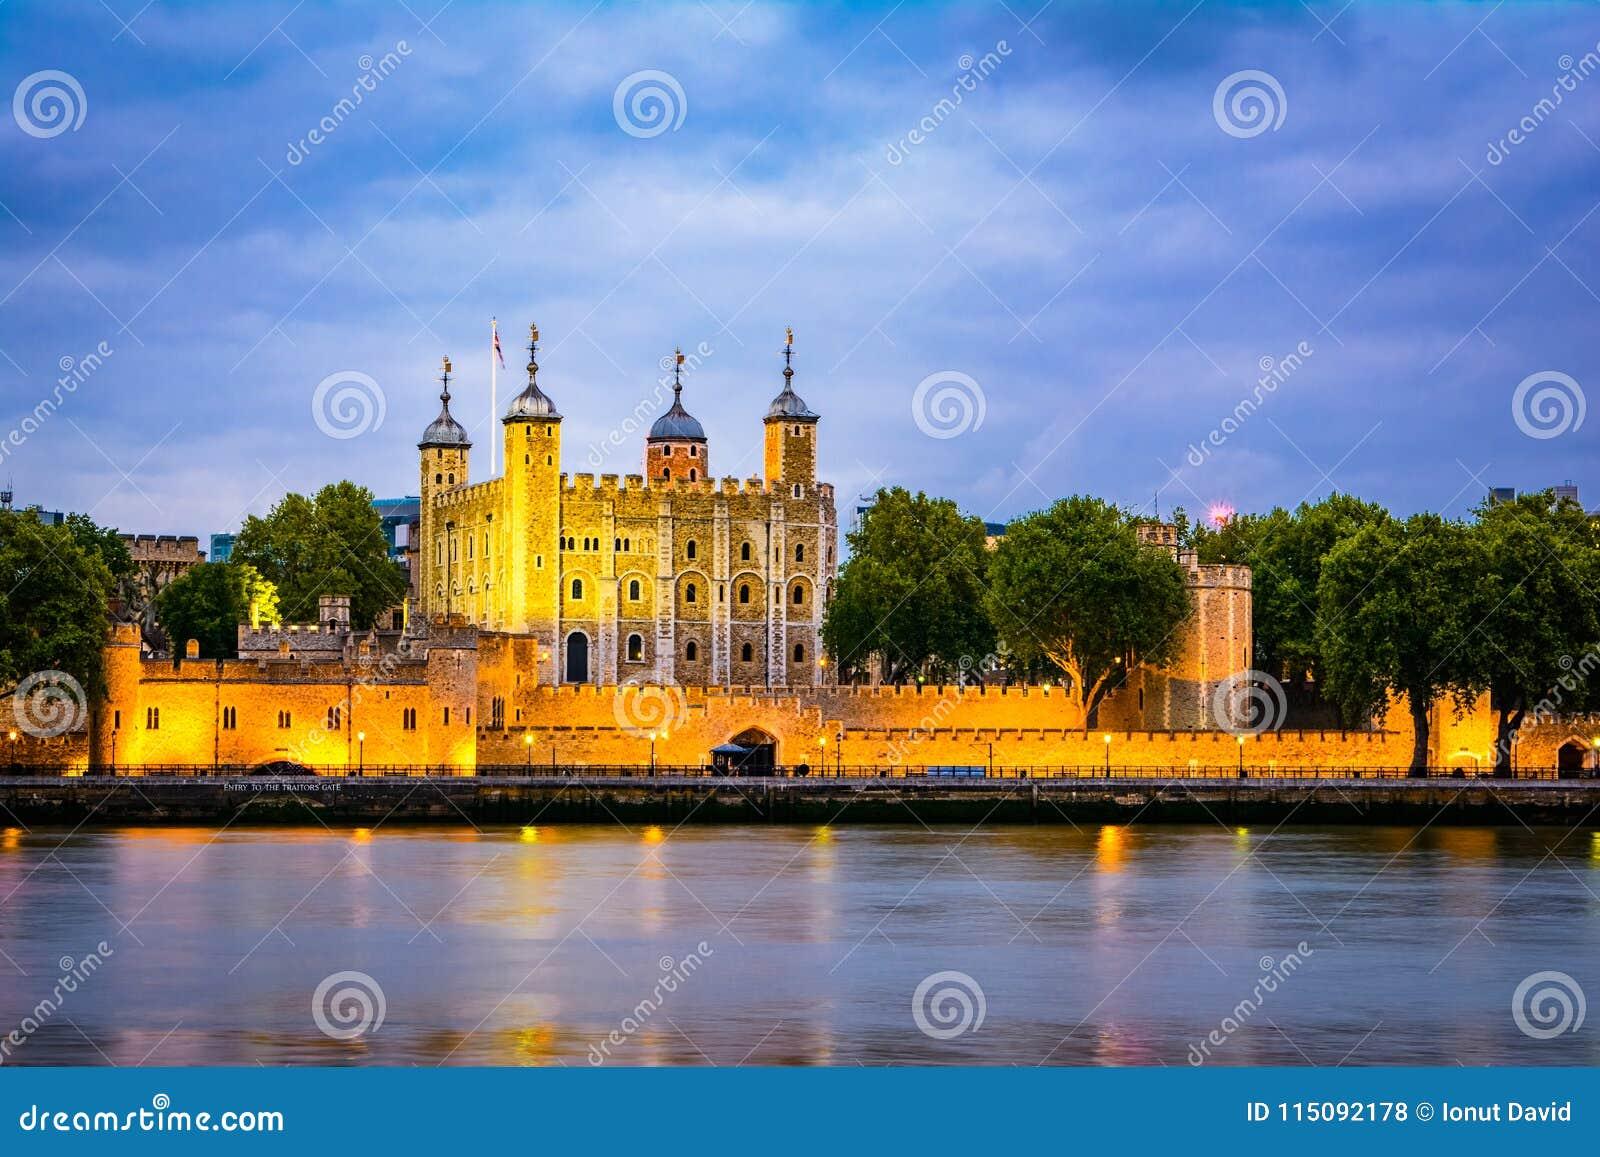 Londen, het Verenigd Koninkrijk van Groot-Brittannië: Nachtmening van de Toren van Londen, het UK